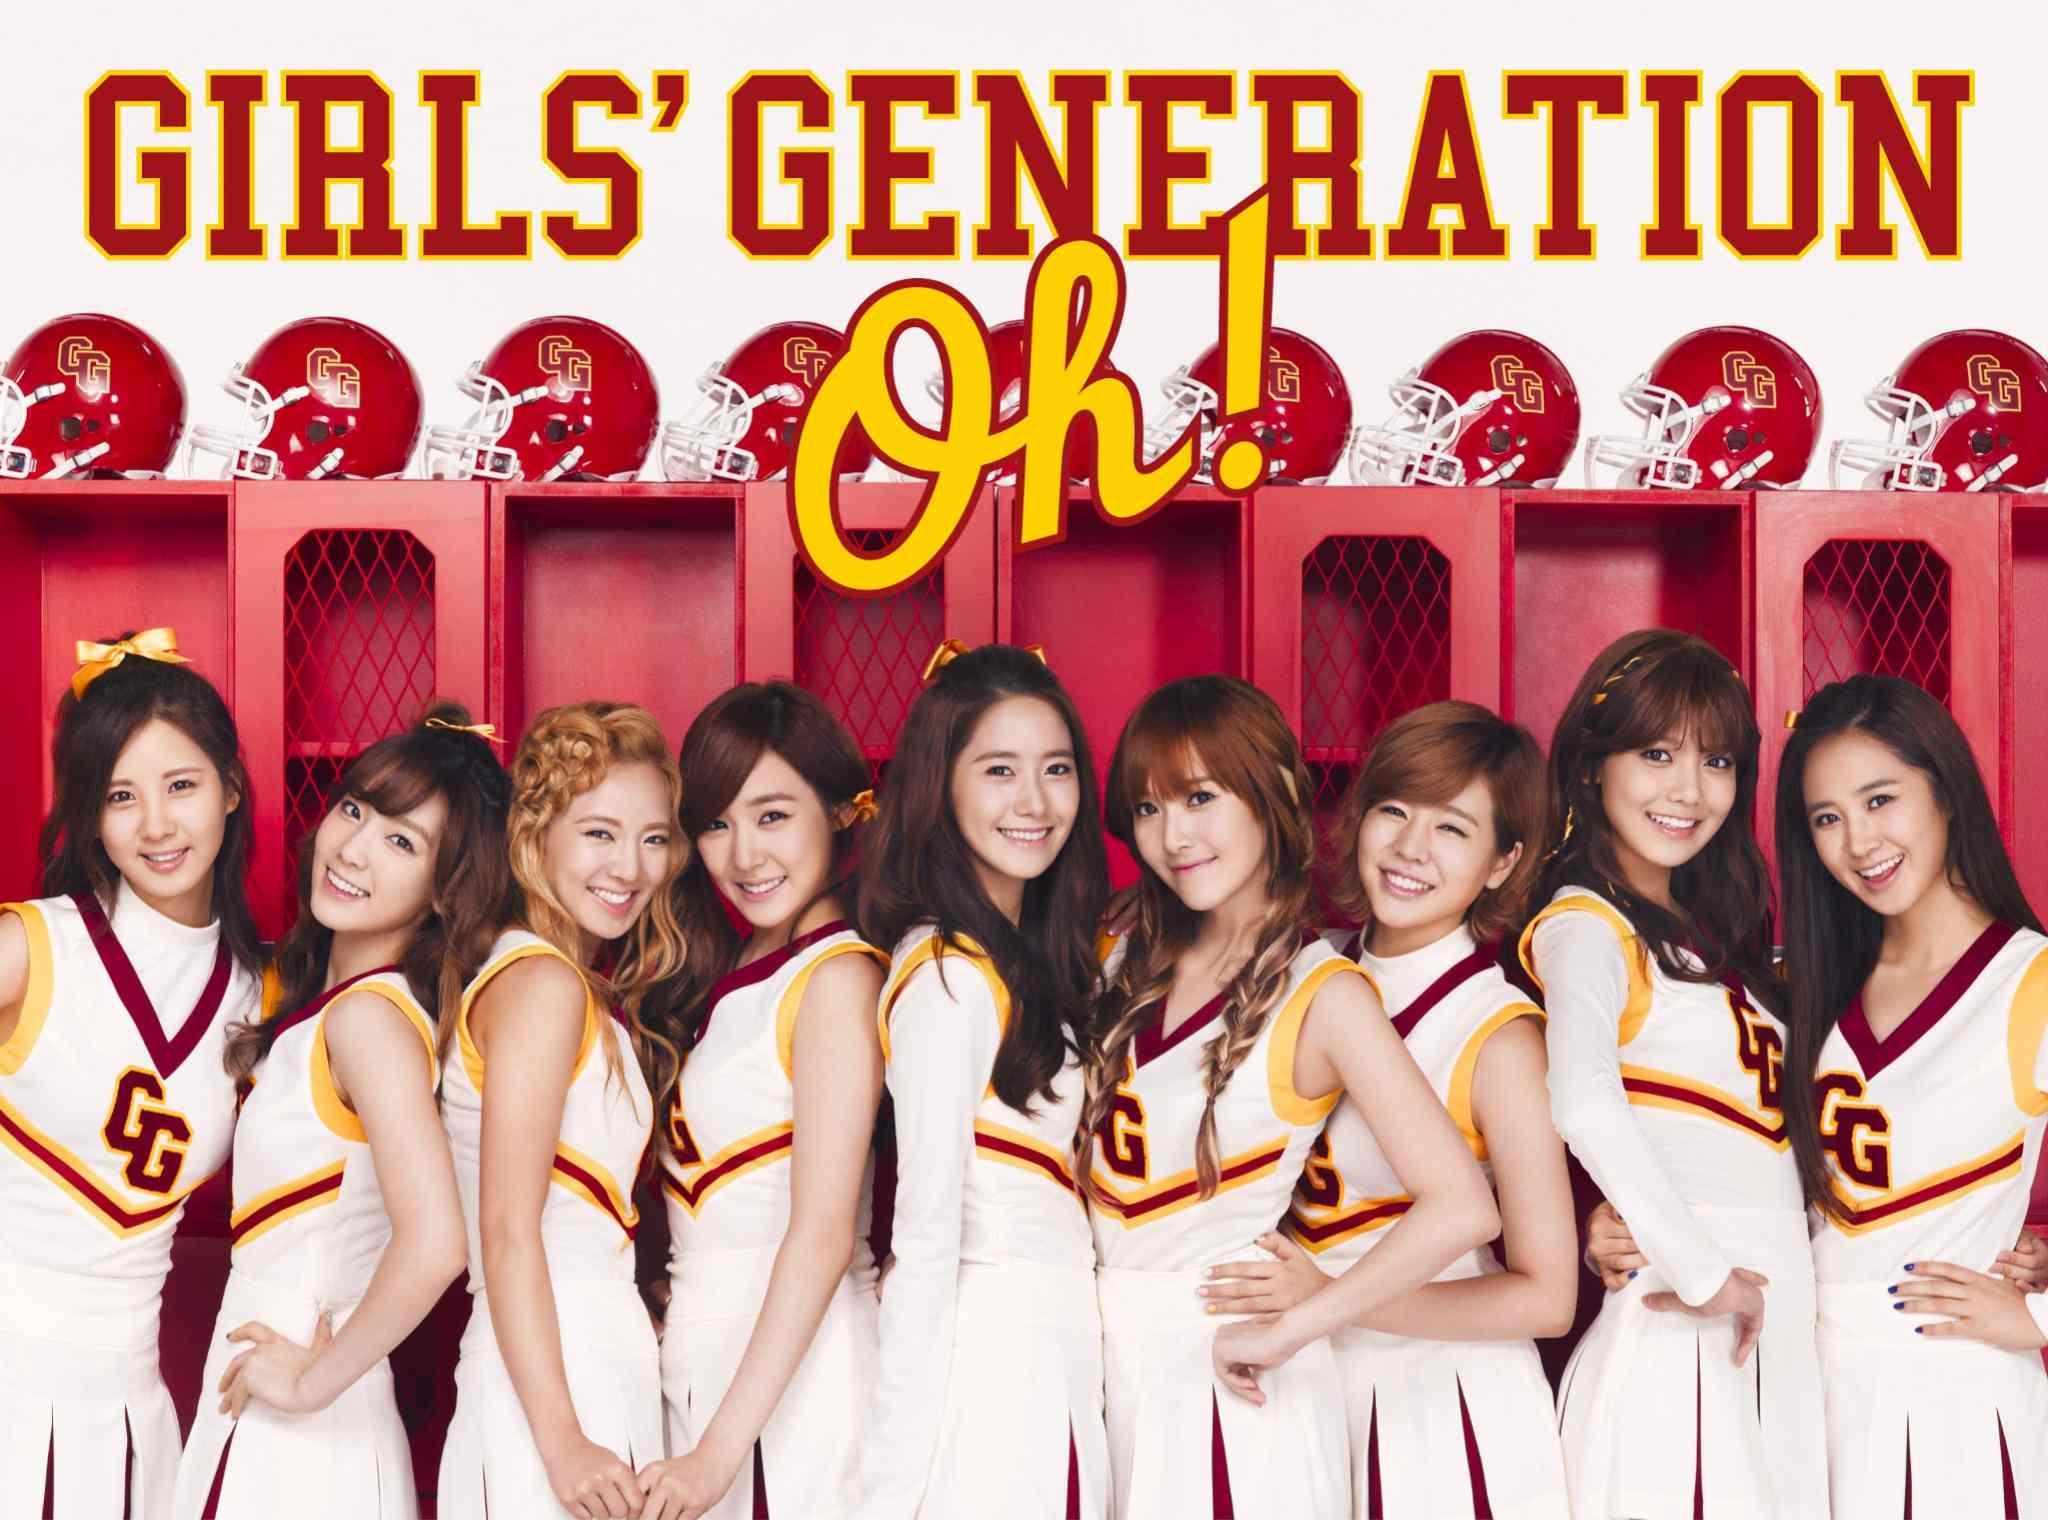 【2010】有了《Gee》加持,少女時代在2009年徹底大爆發!在這一年只有少女時代可以打敗少女時代,先後以《oh》(5週)